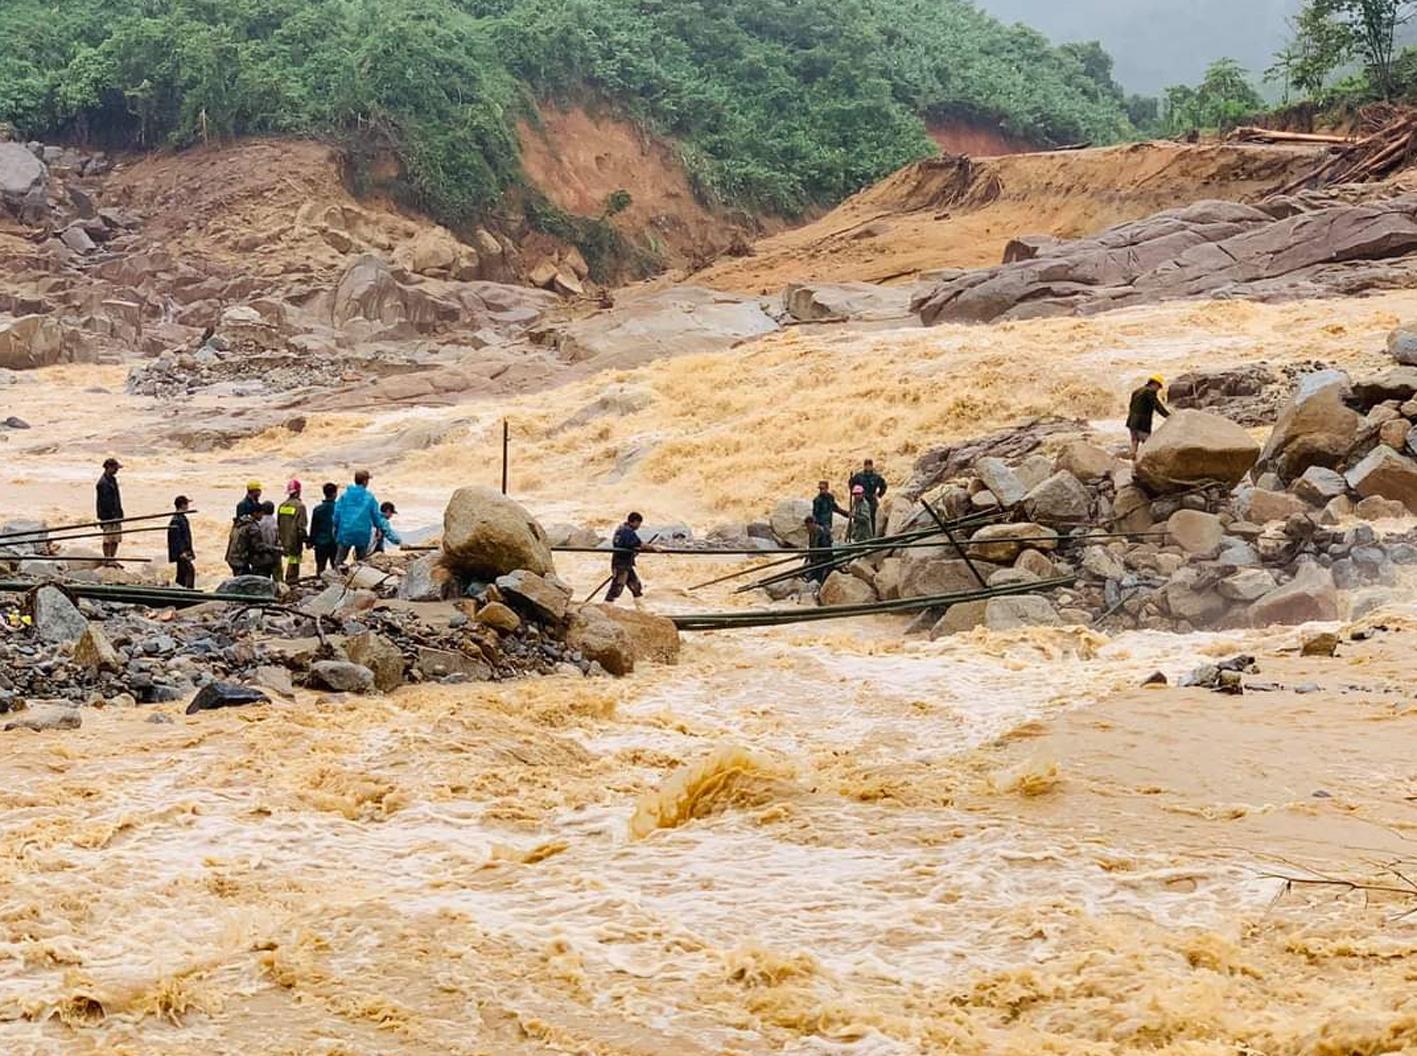 Tình trạng bão lũ, sạt lở đất thường xuyên xảy ra ở khu vực miền Trung, Việt Nam